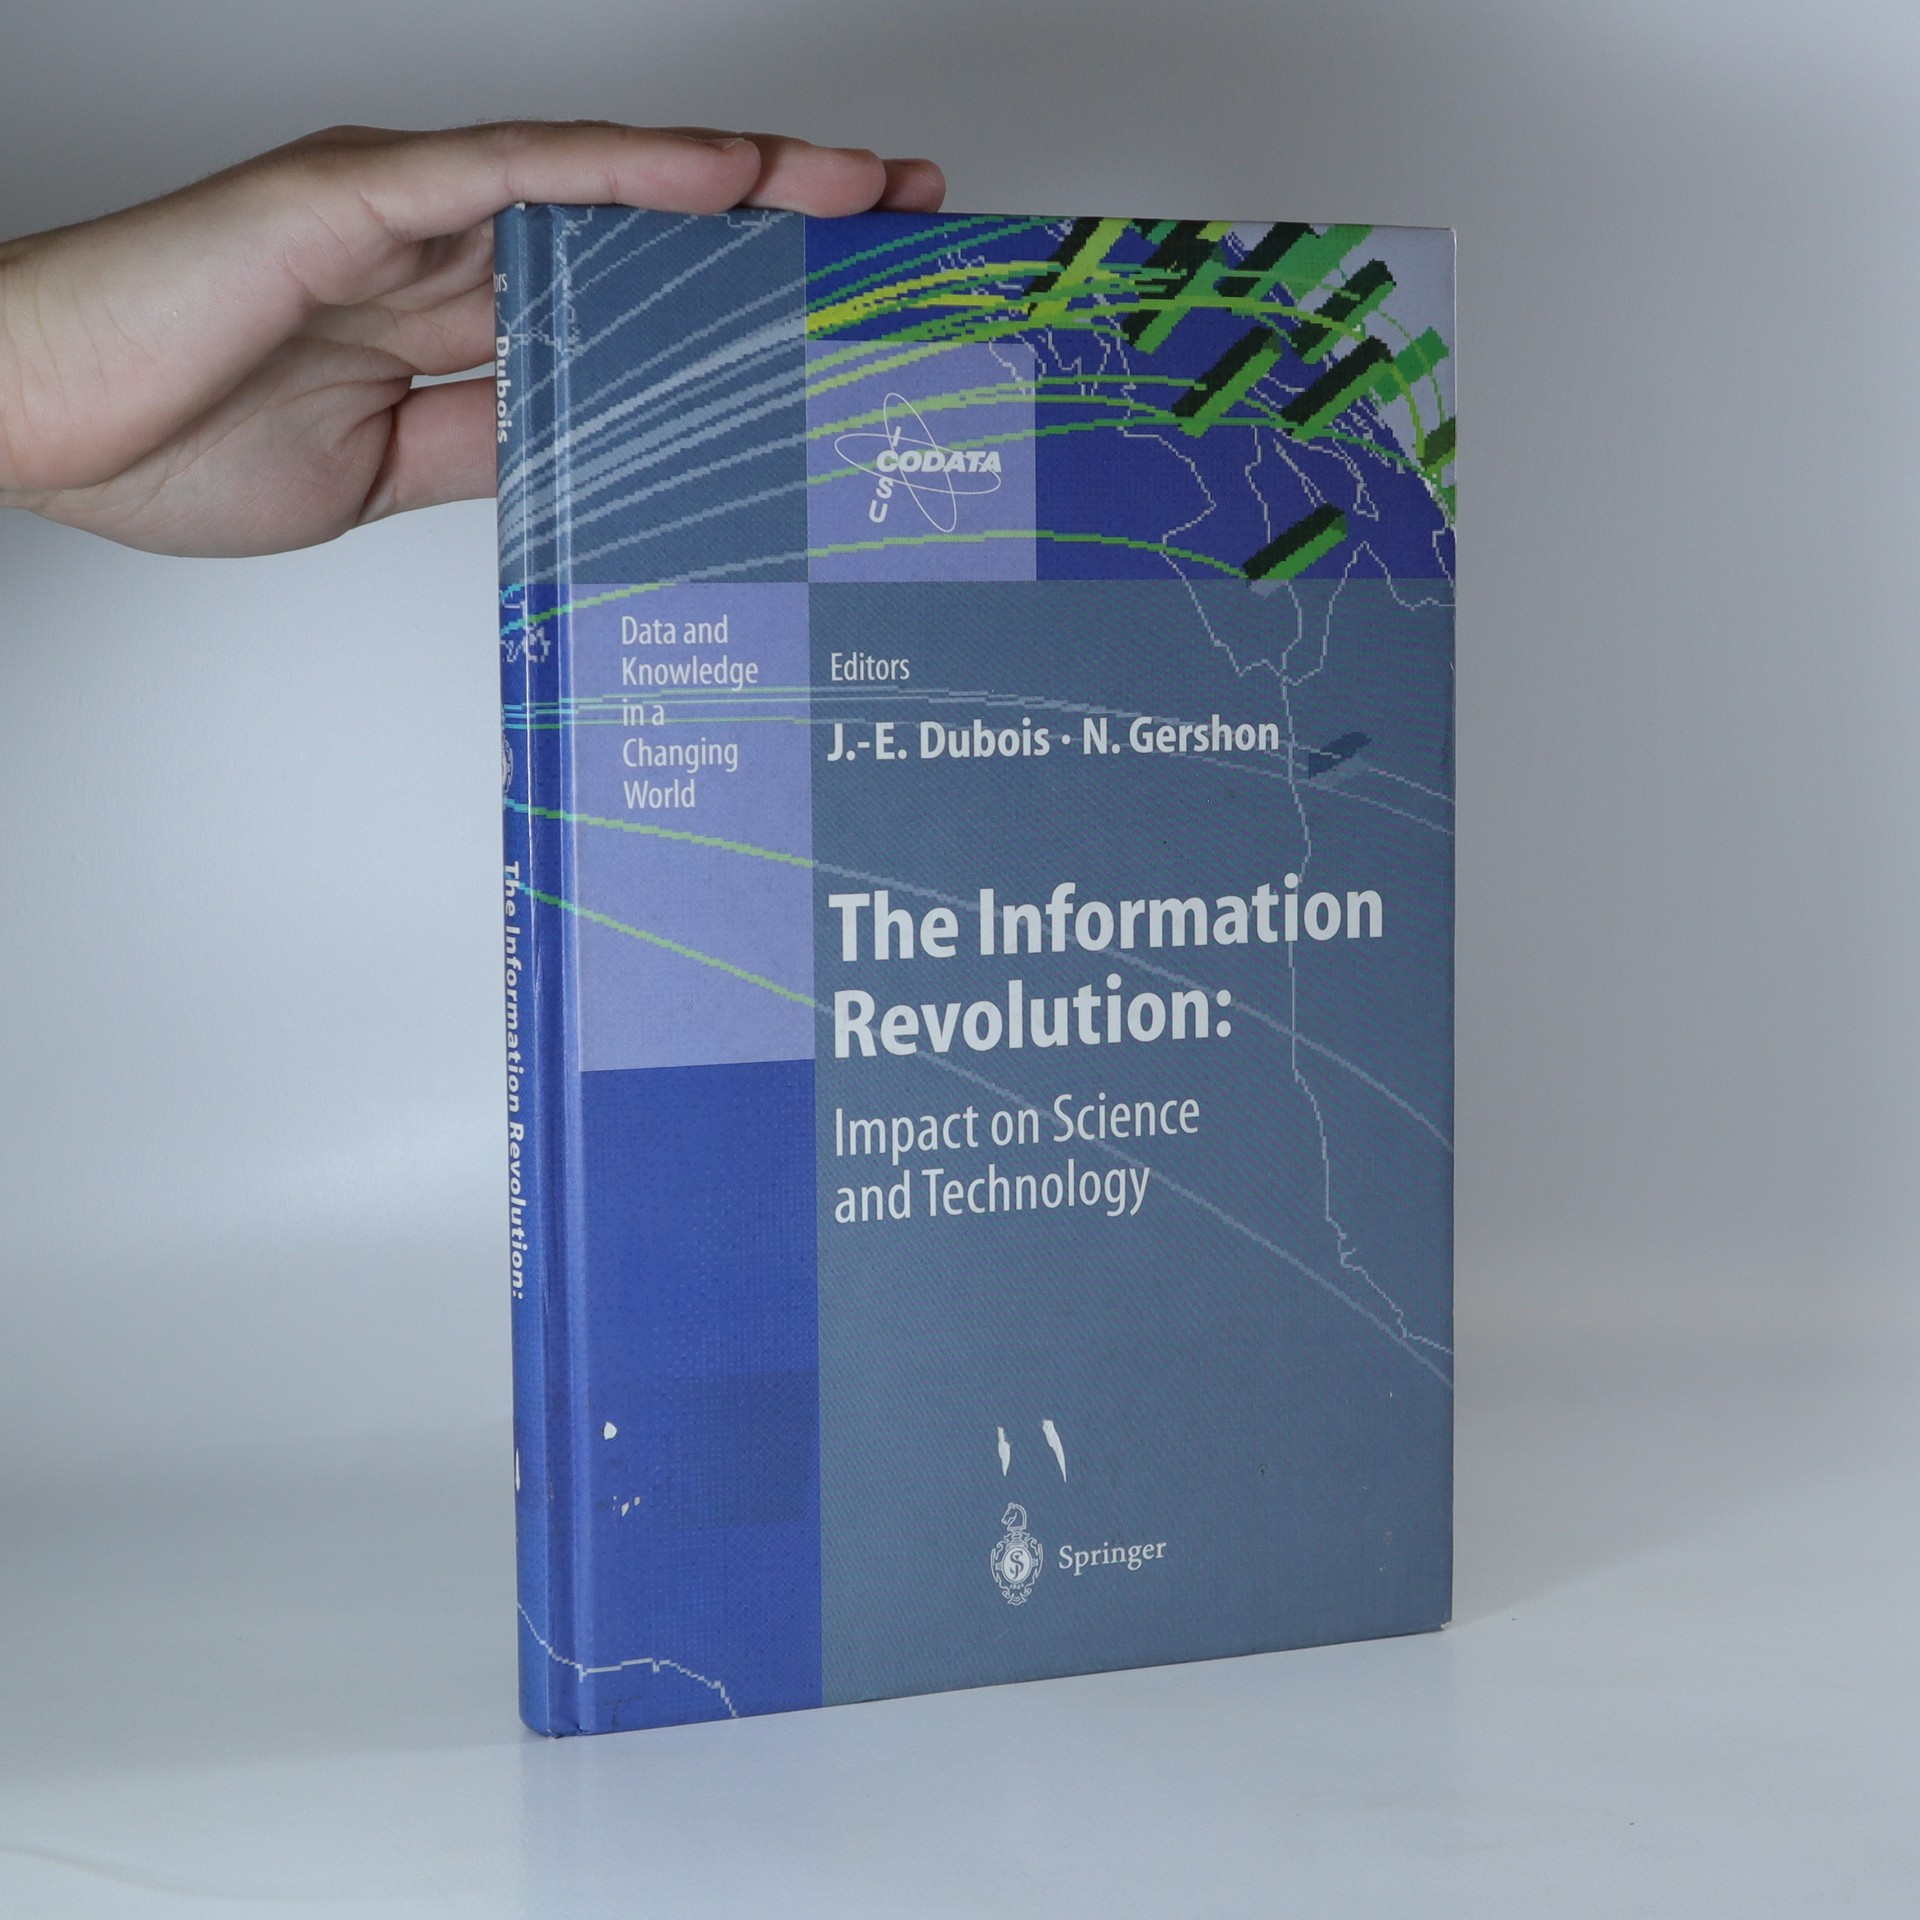 antikvární kniha The information revolution. Impact on science and technology, neuveden